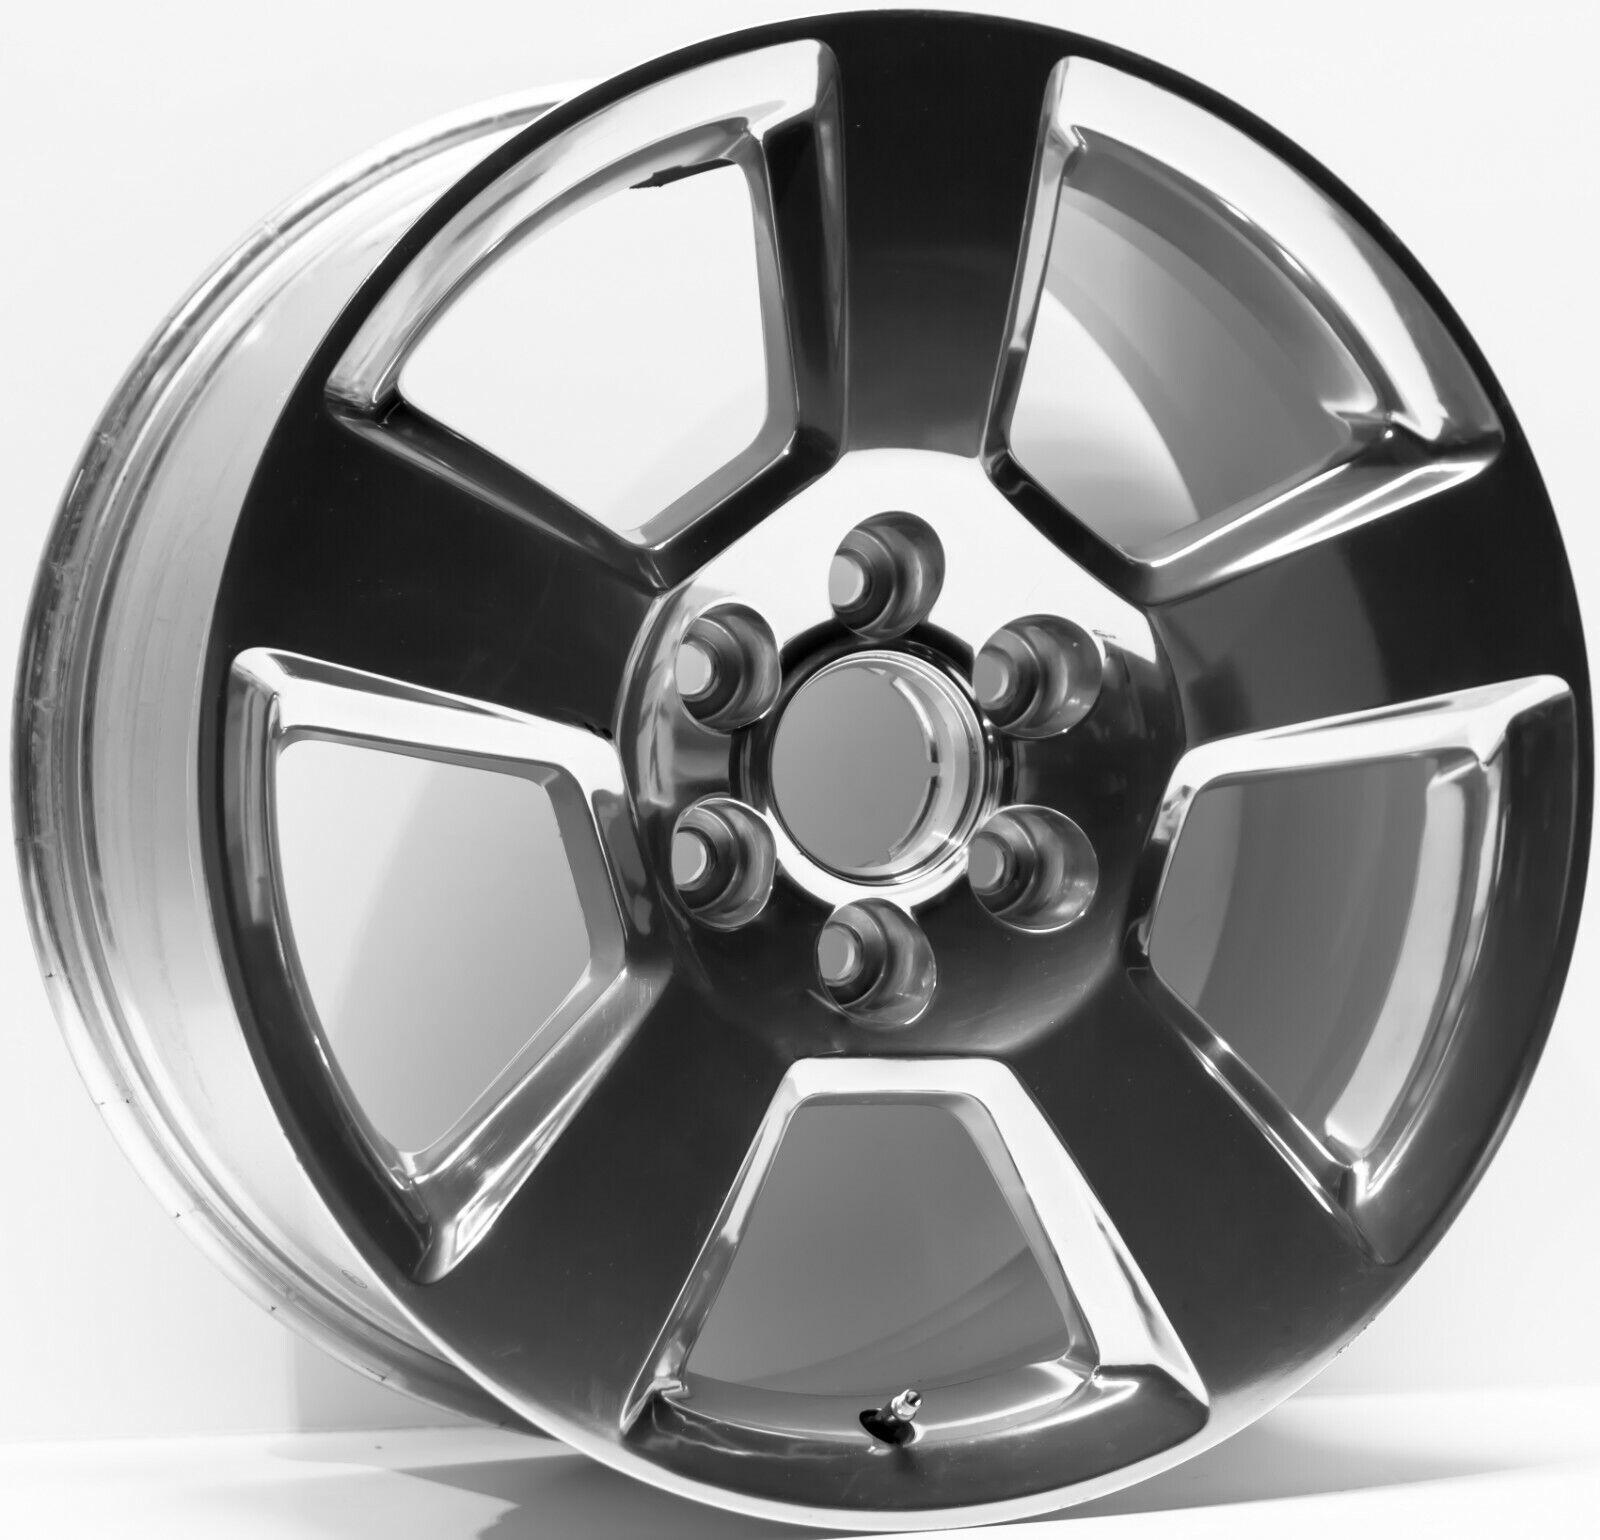 20 Inch Aluminum Alloy Wheel Rim 2019 GMC Sierra 1500 6 Lug 139.7mm 20x9